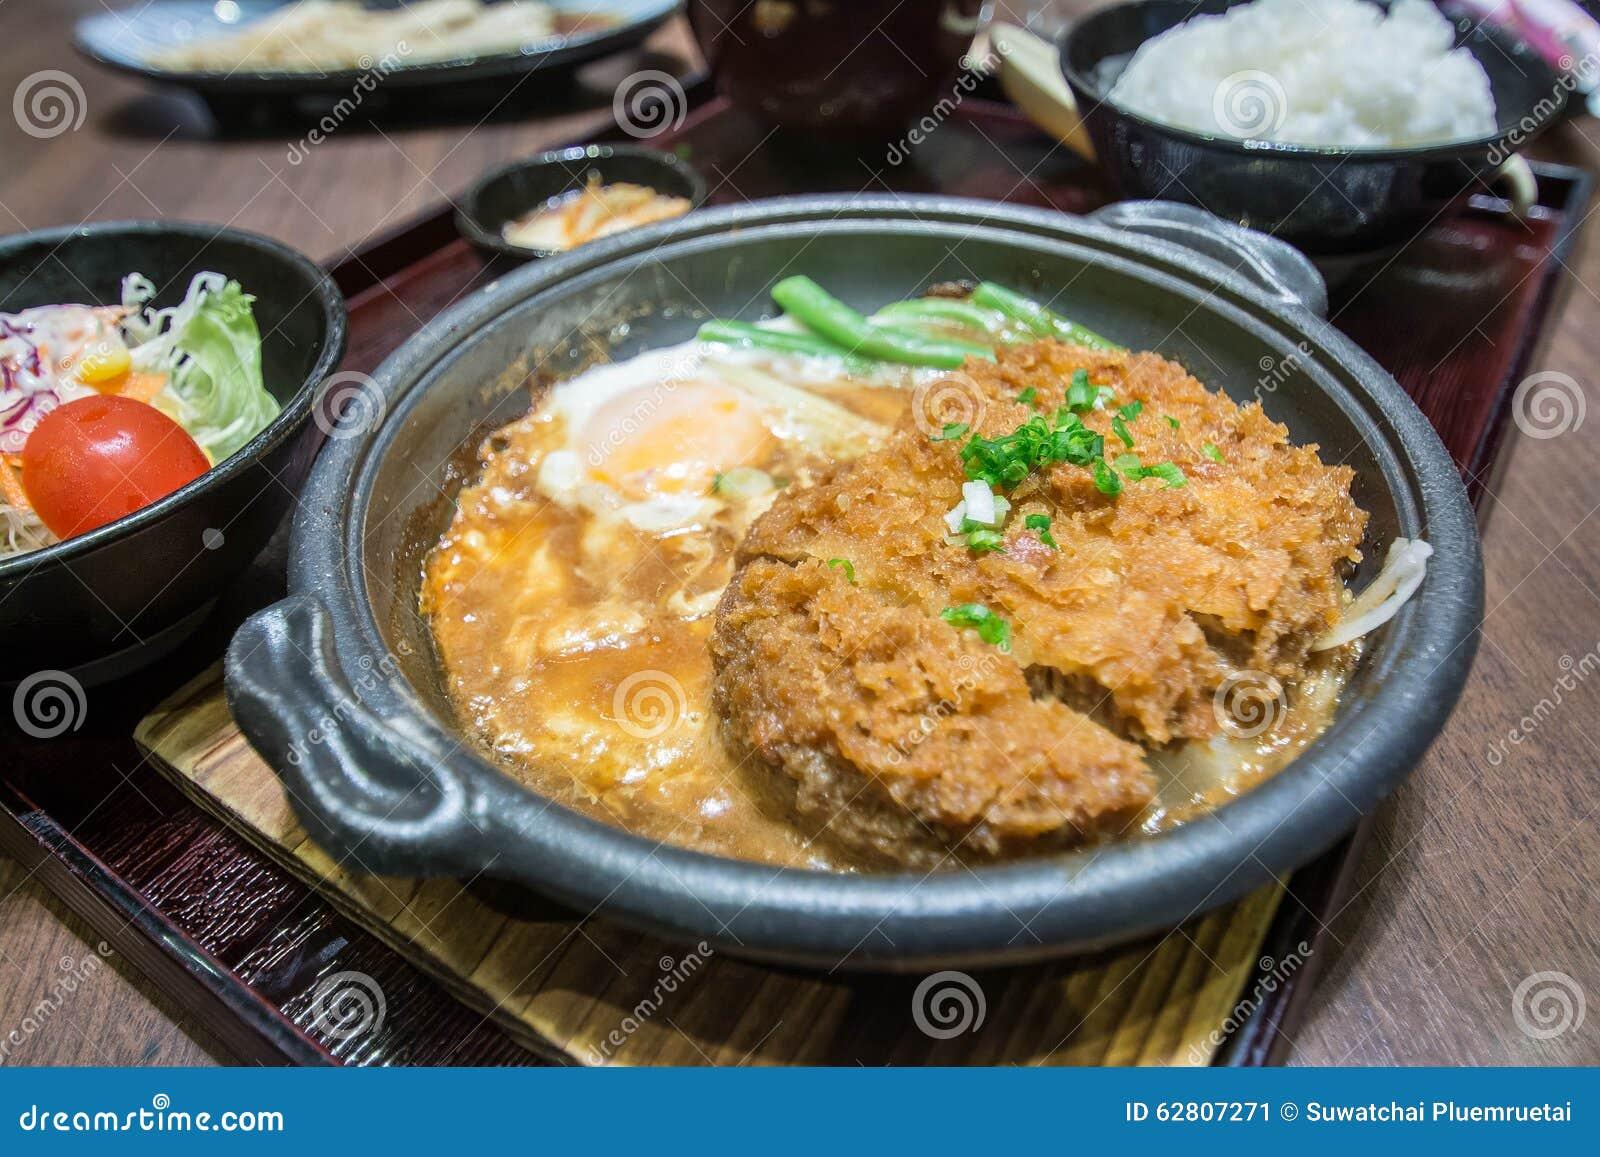 Carne de porco ateada fogo profunda fervida com parte superior fresca do ovo na bacia de arroz